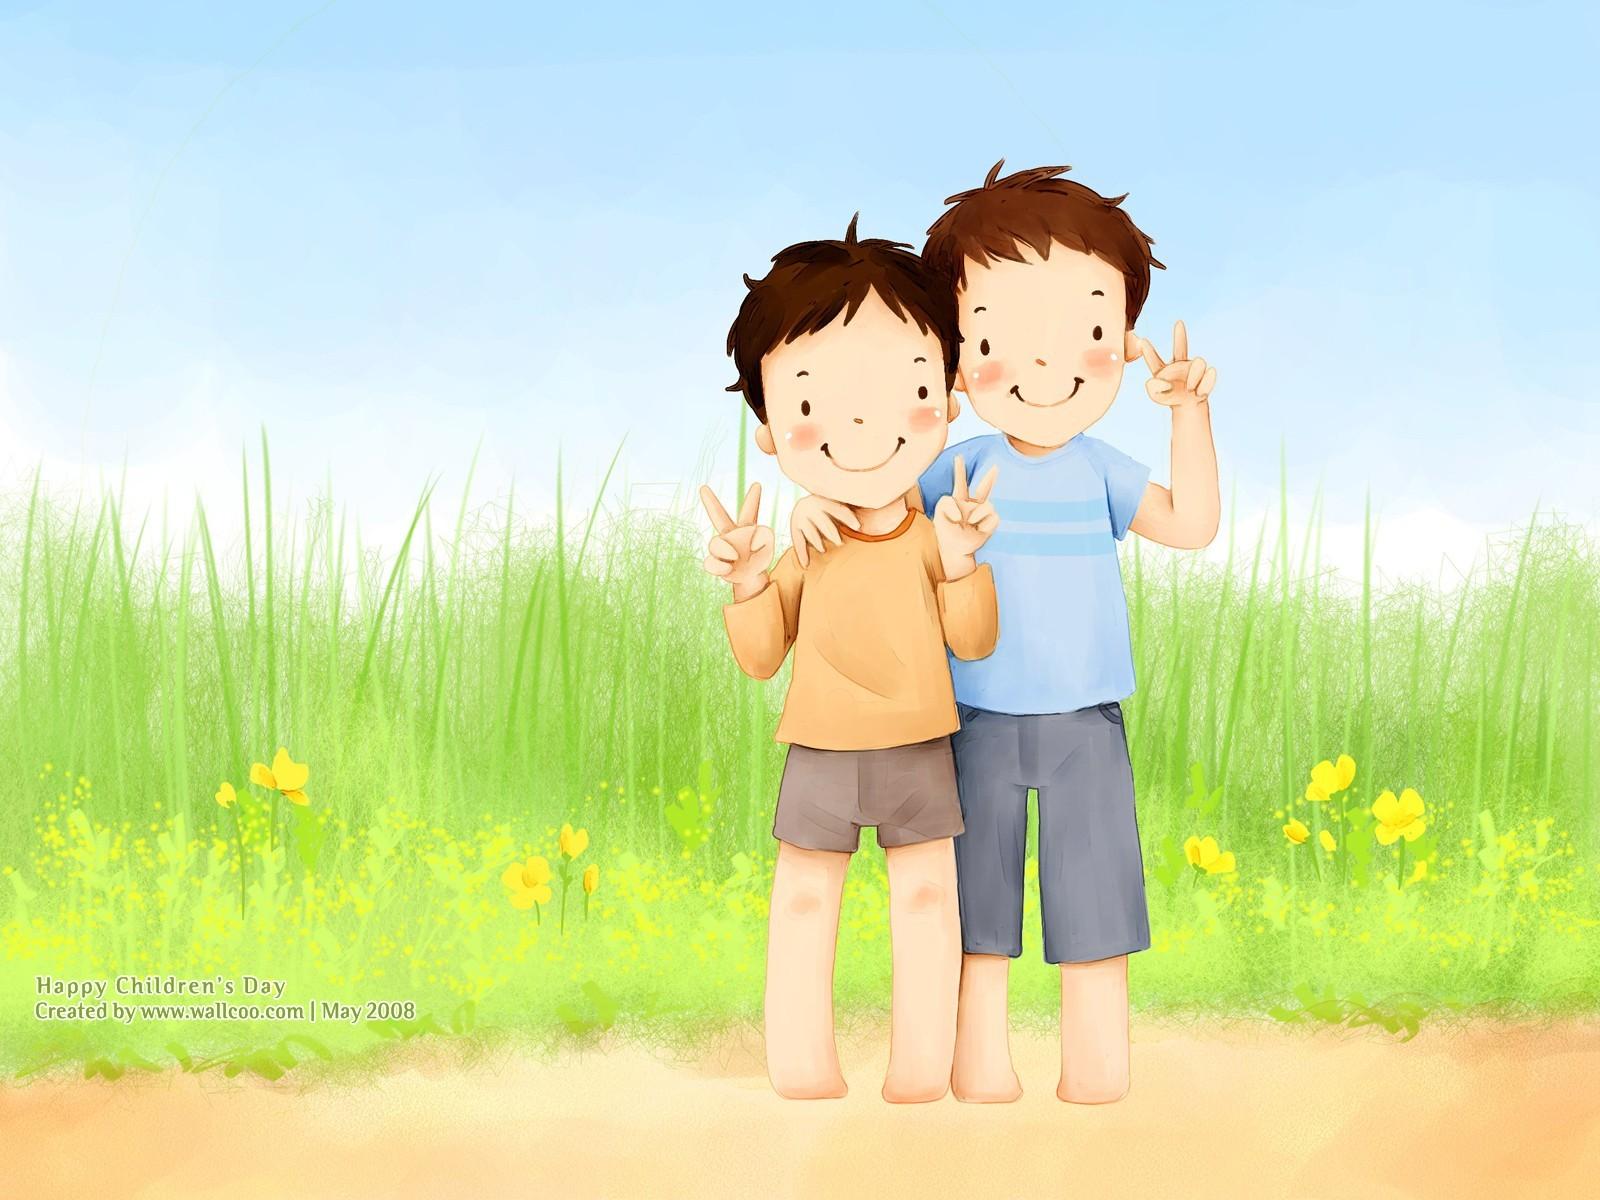 Bonito ilustrador del Día del Niño fondo de pantalla  29 - 1600x1200 ... 60aad02336f